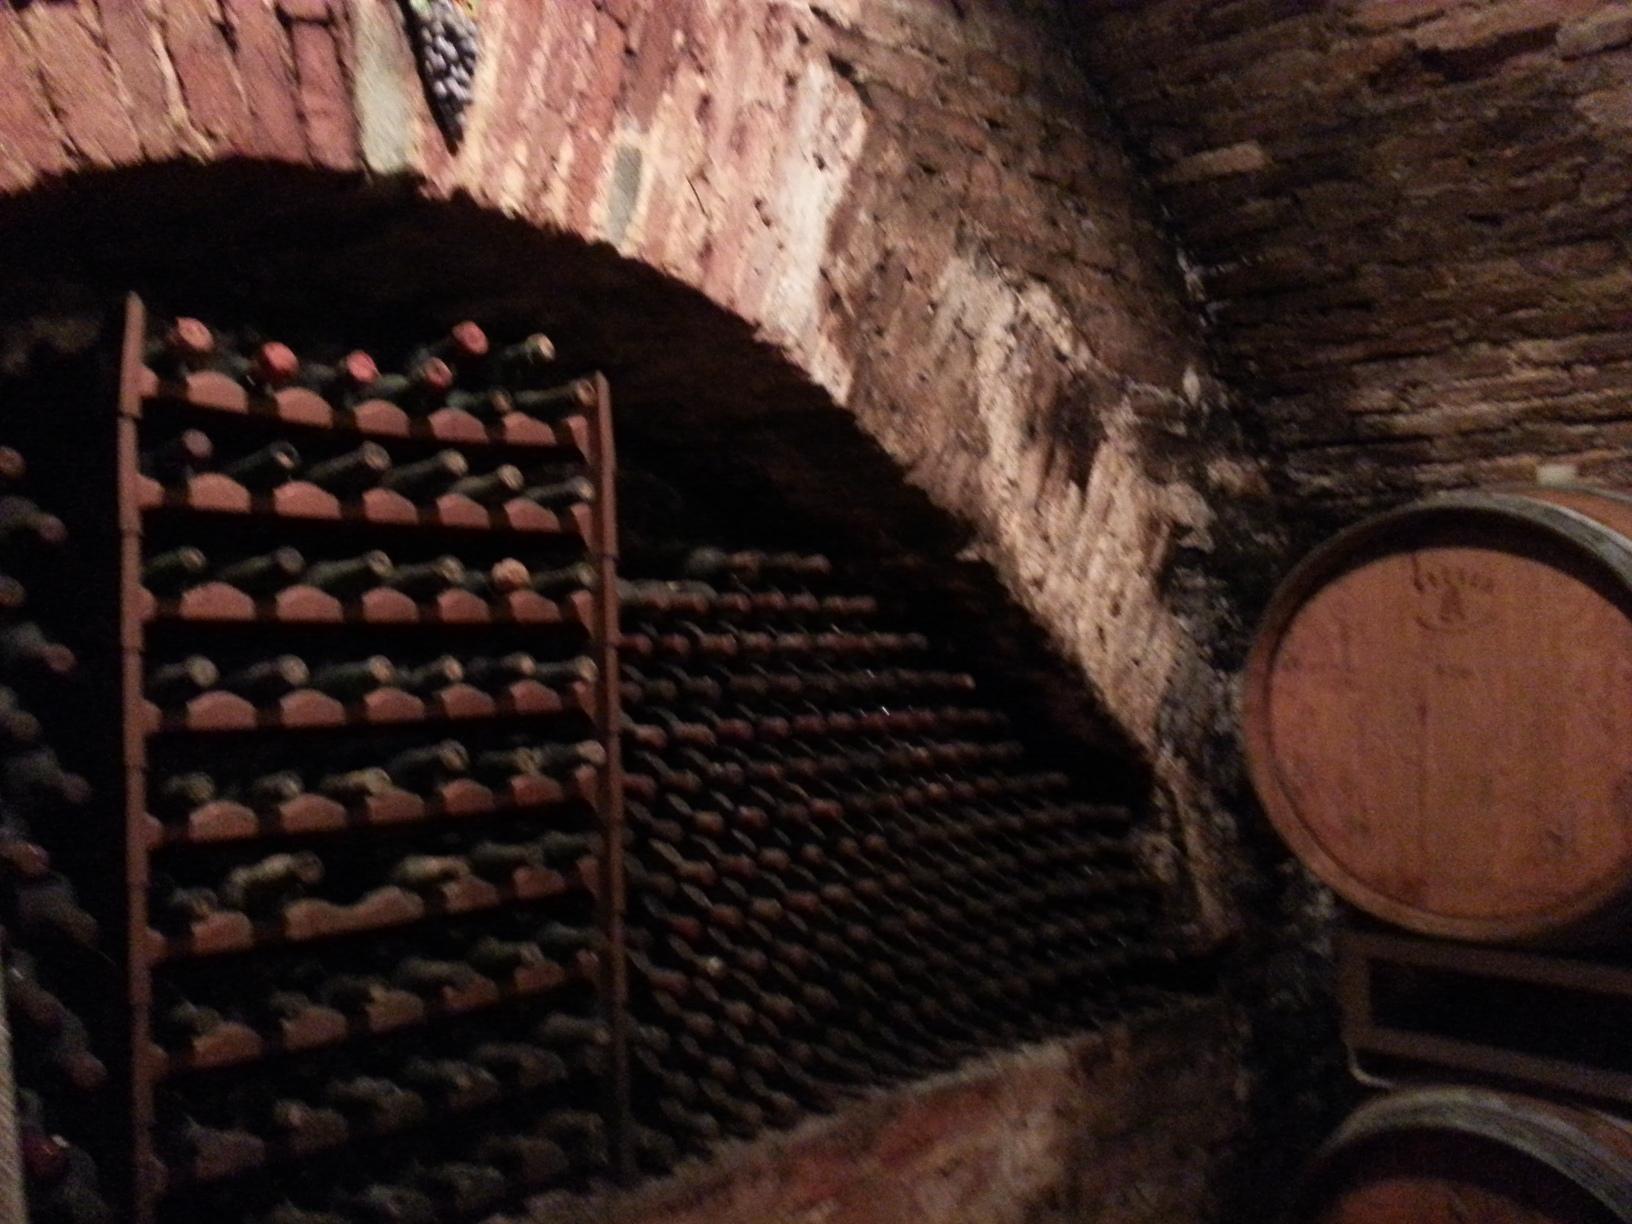 erezione a scomparsa winery